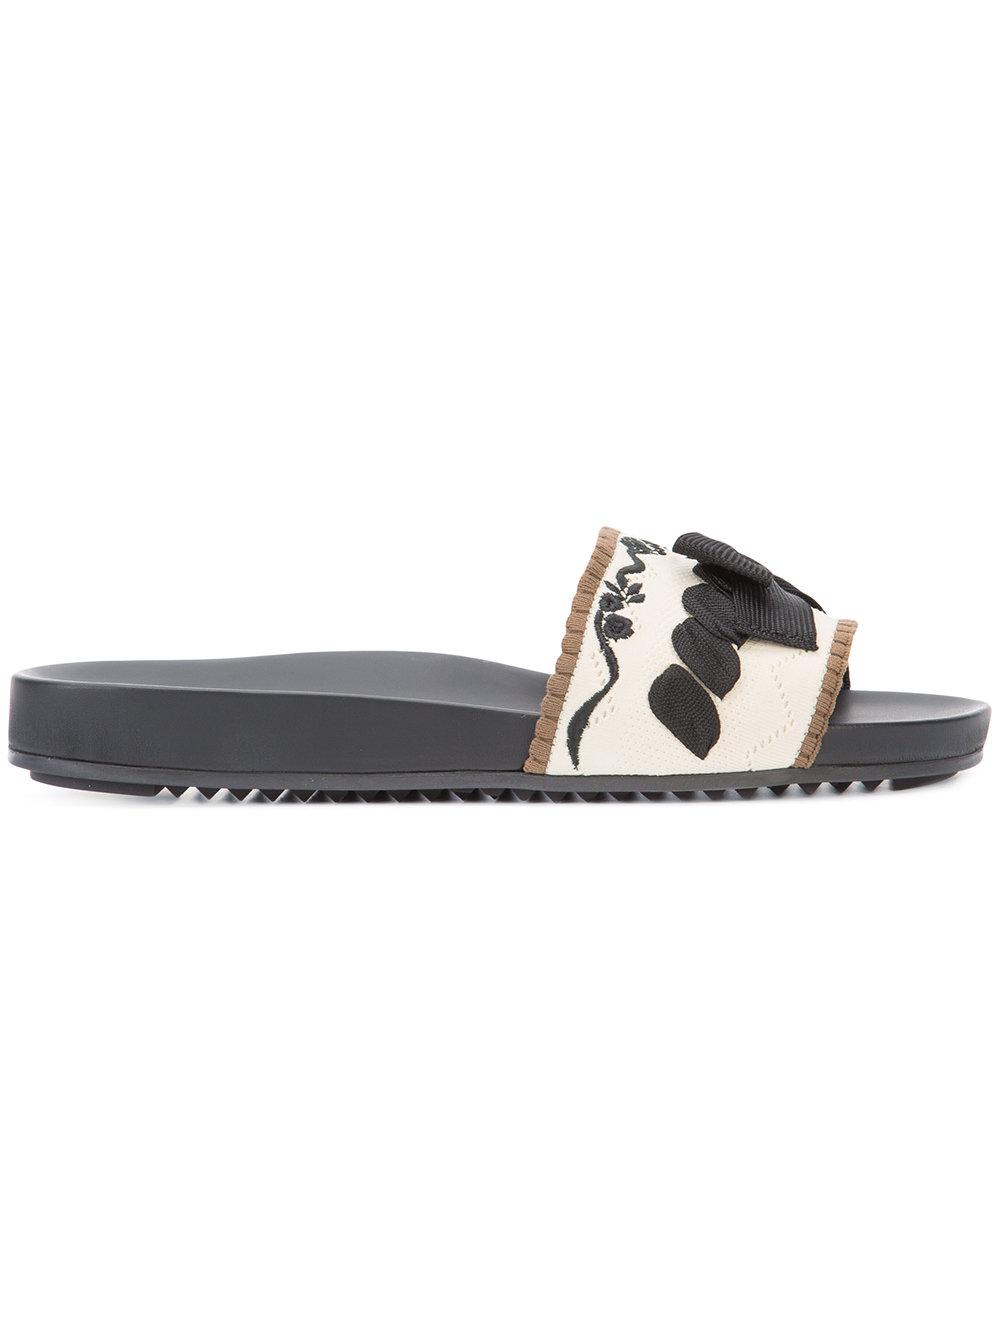 FENDI - flat sandals  $600